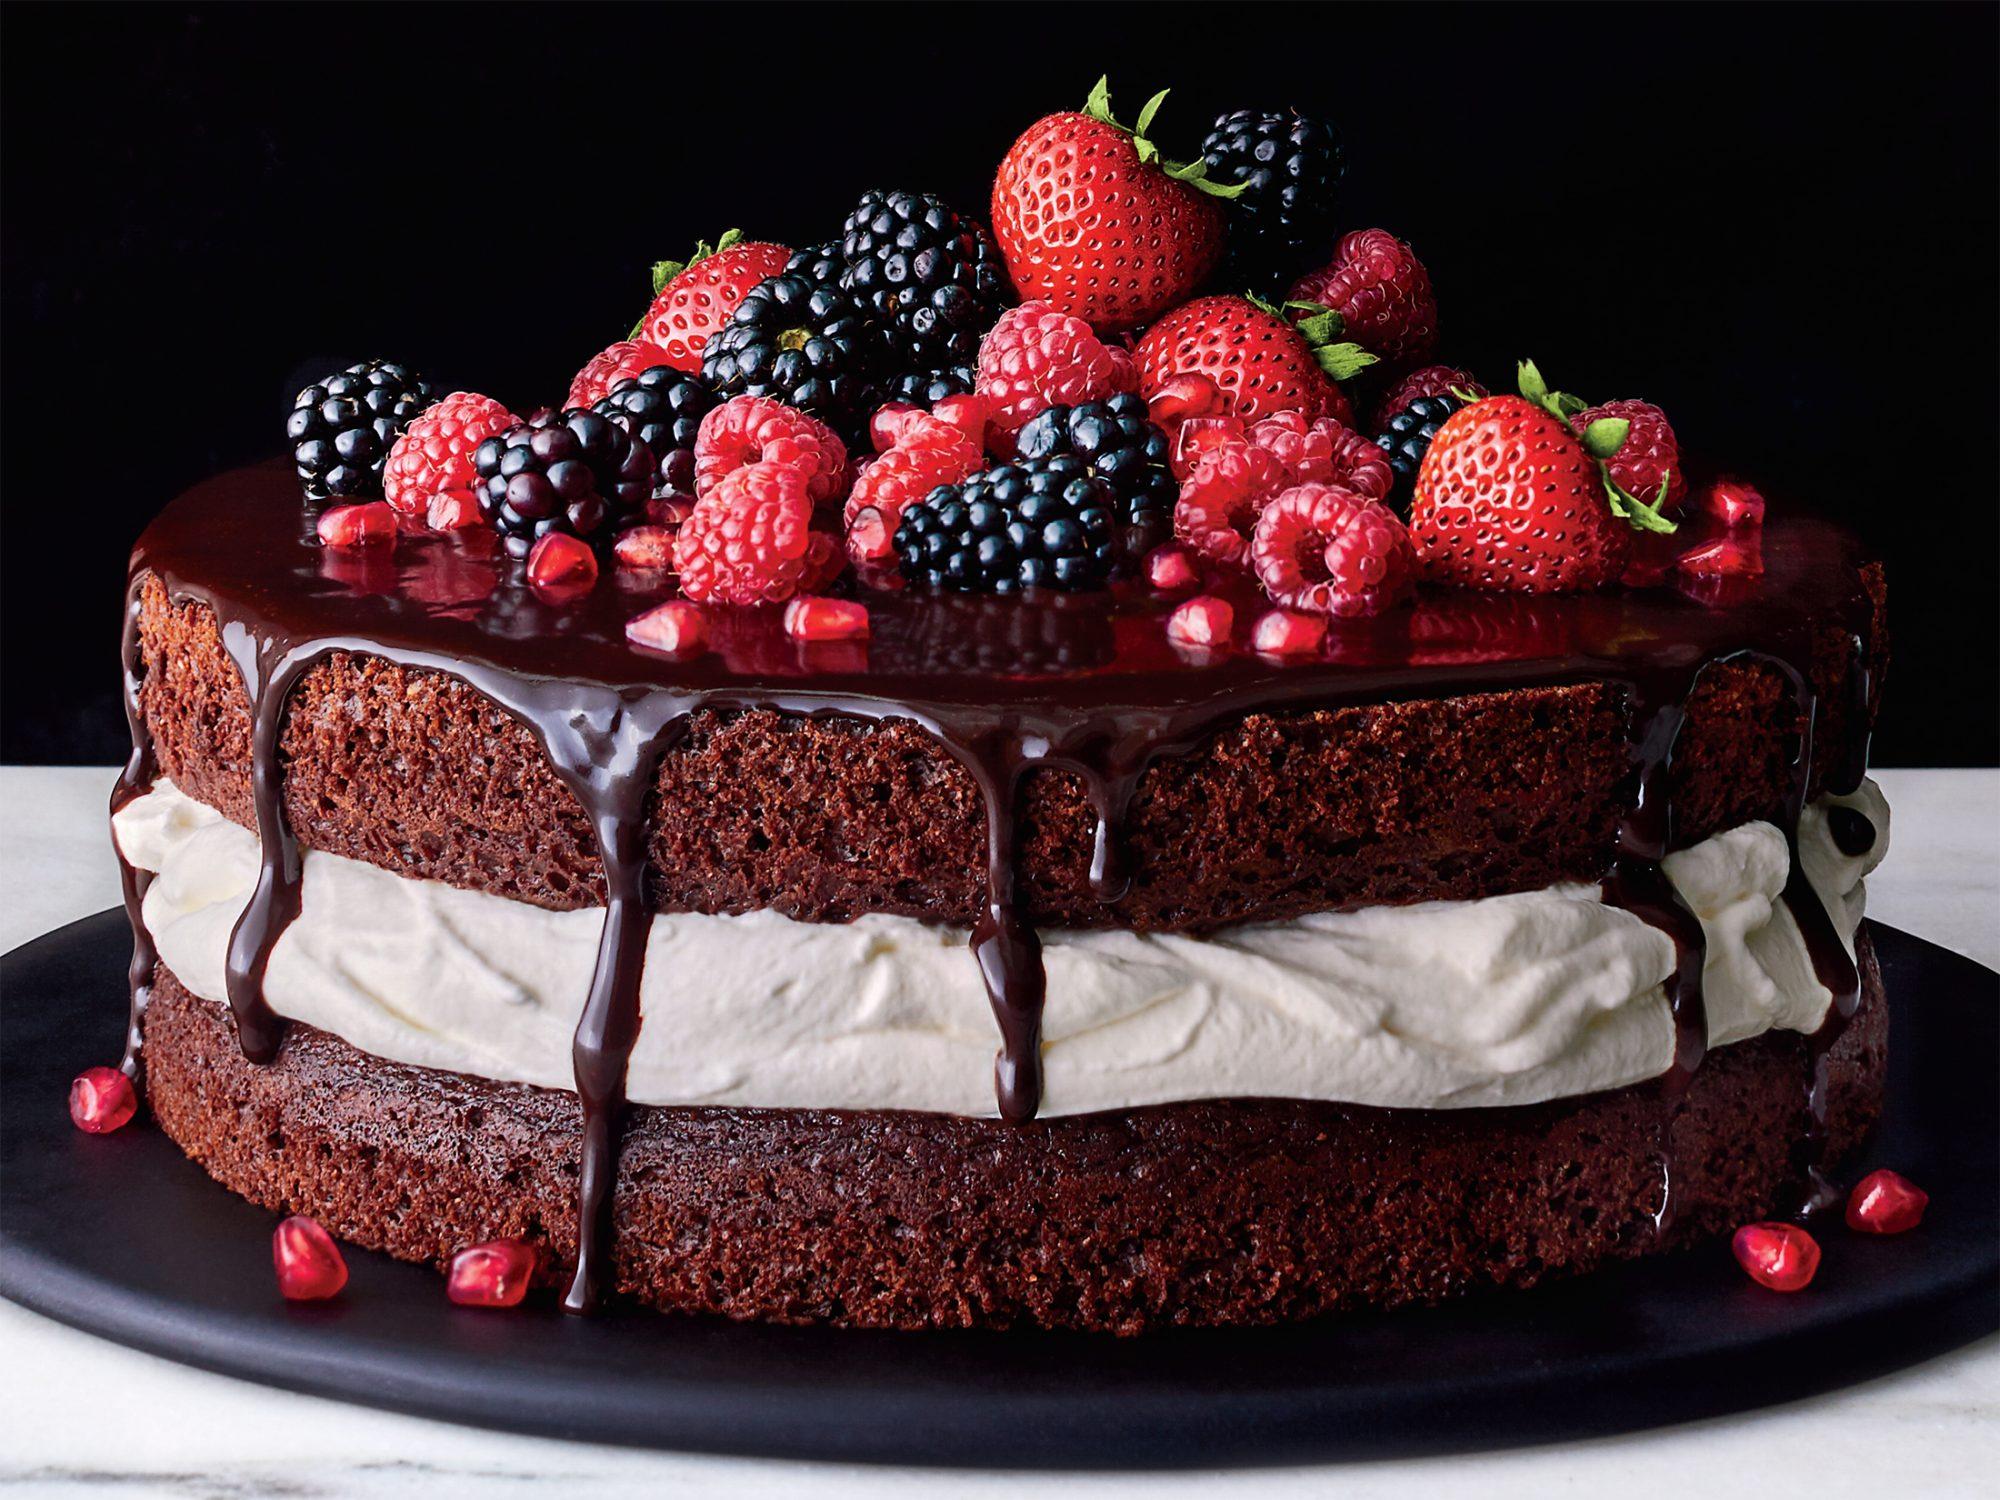 Chocolate-and-Cream Layer Cake